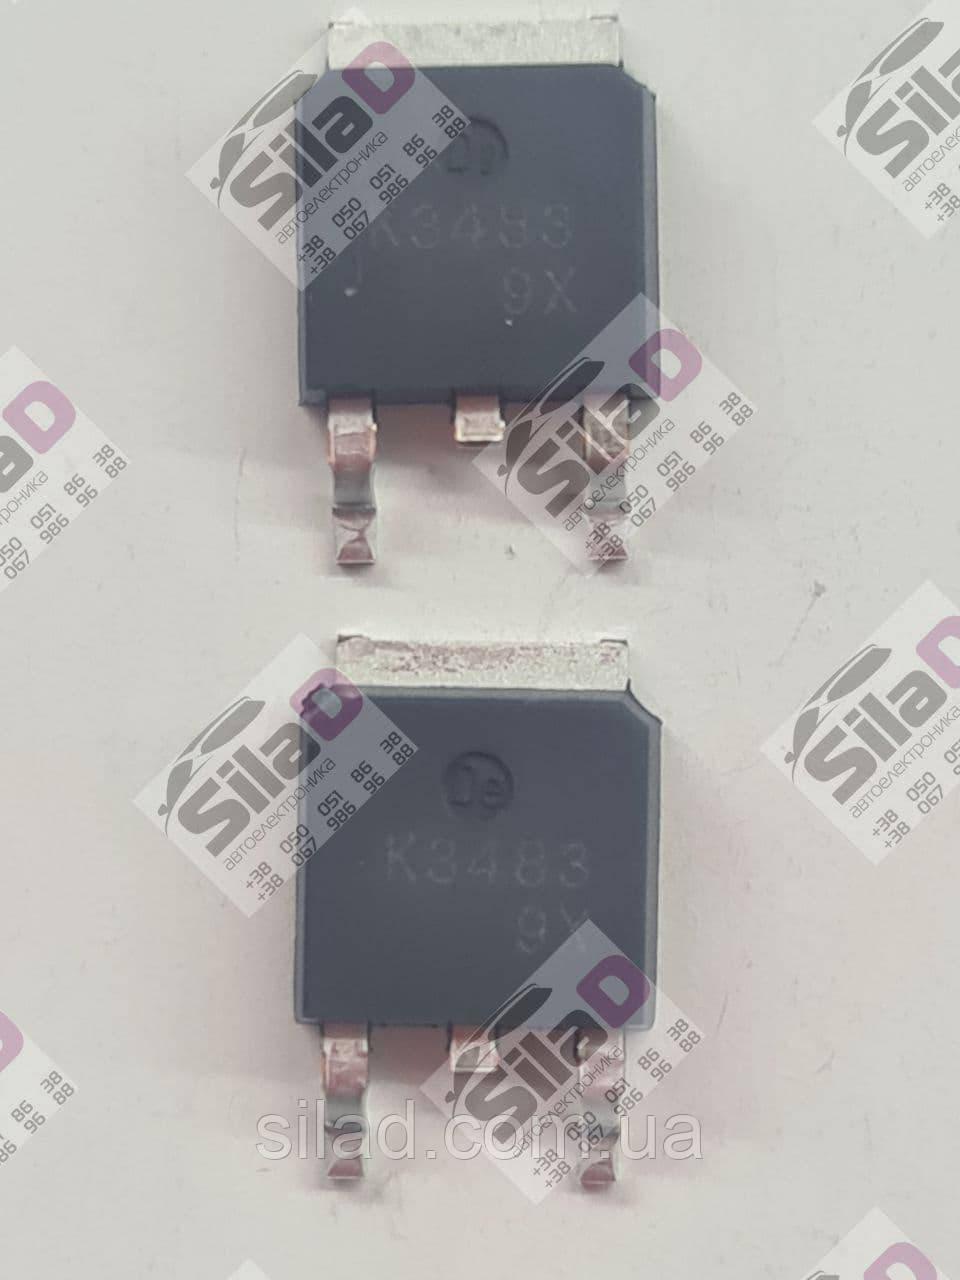 Транзистор 2SK3483 K3483 NEC корпус TO-252